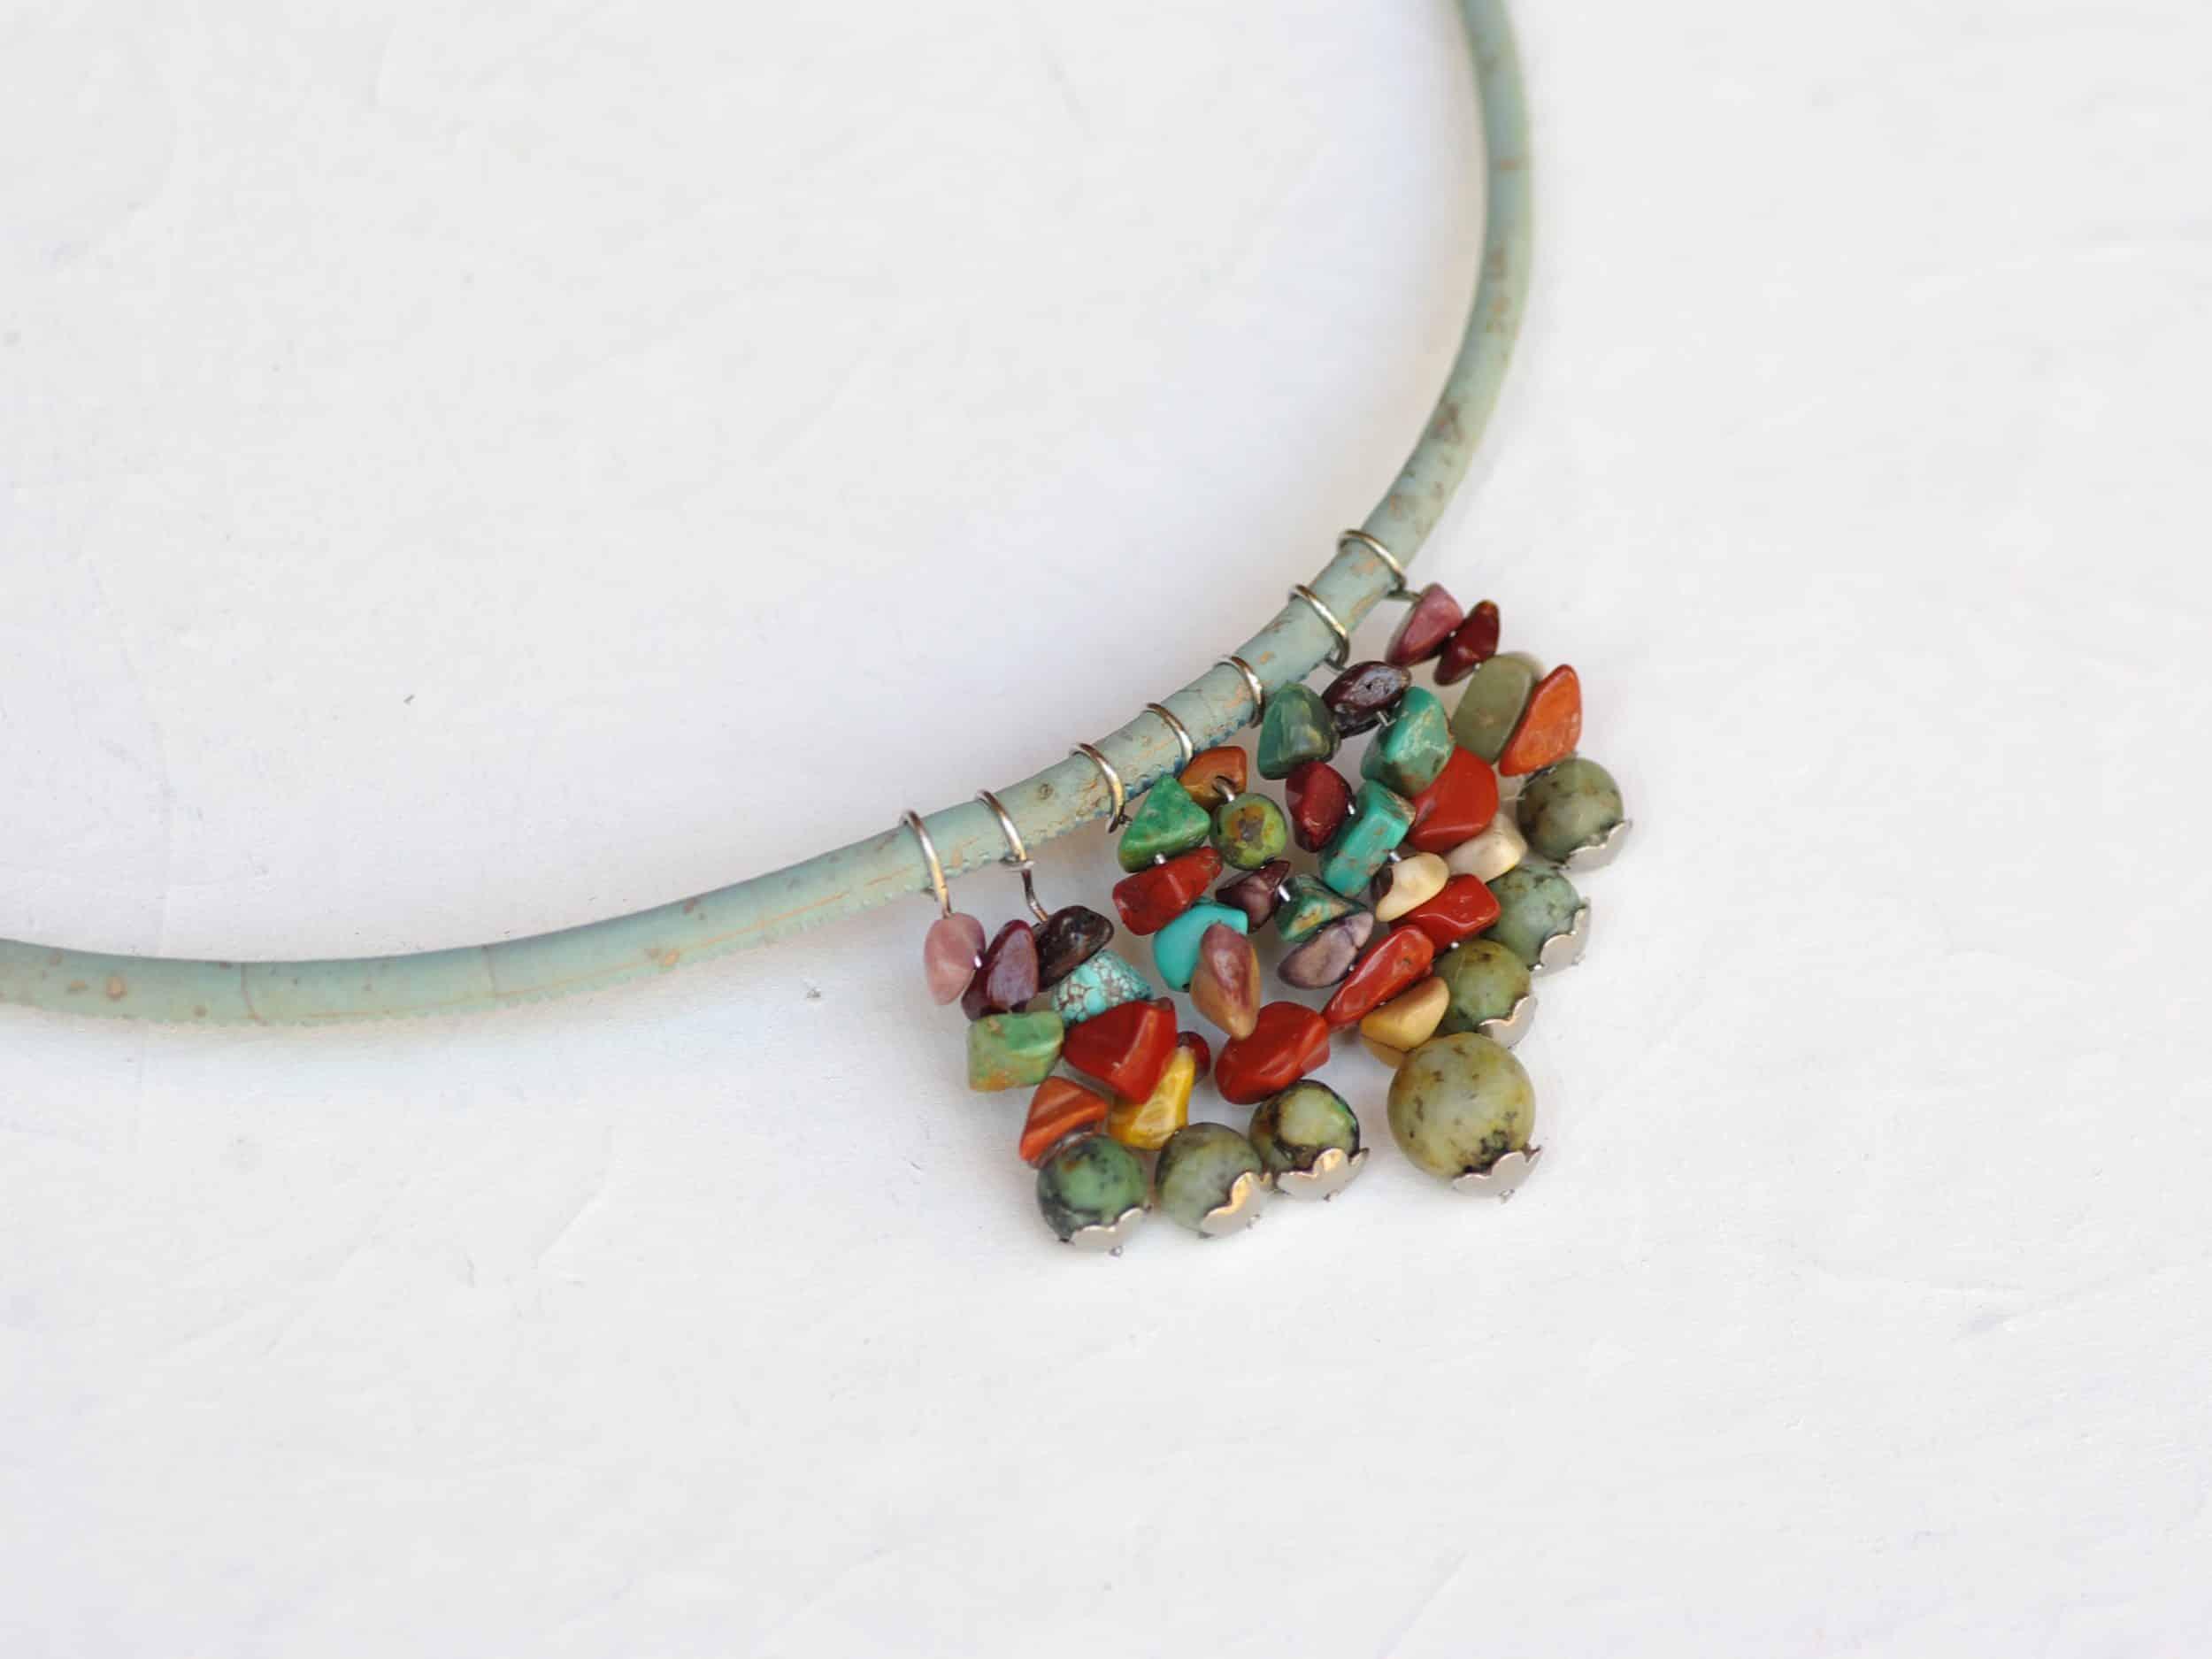 collier en pierres et liège aux couleurs de roche et d'eau :vert d'eau, brun, beige turquoise, les pierres sont enfilées sur plusieurs pendentifs placés en plastron